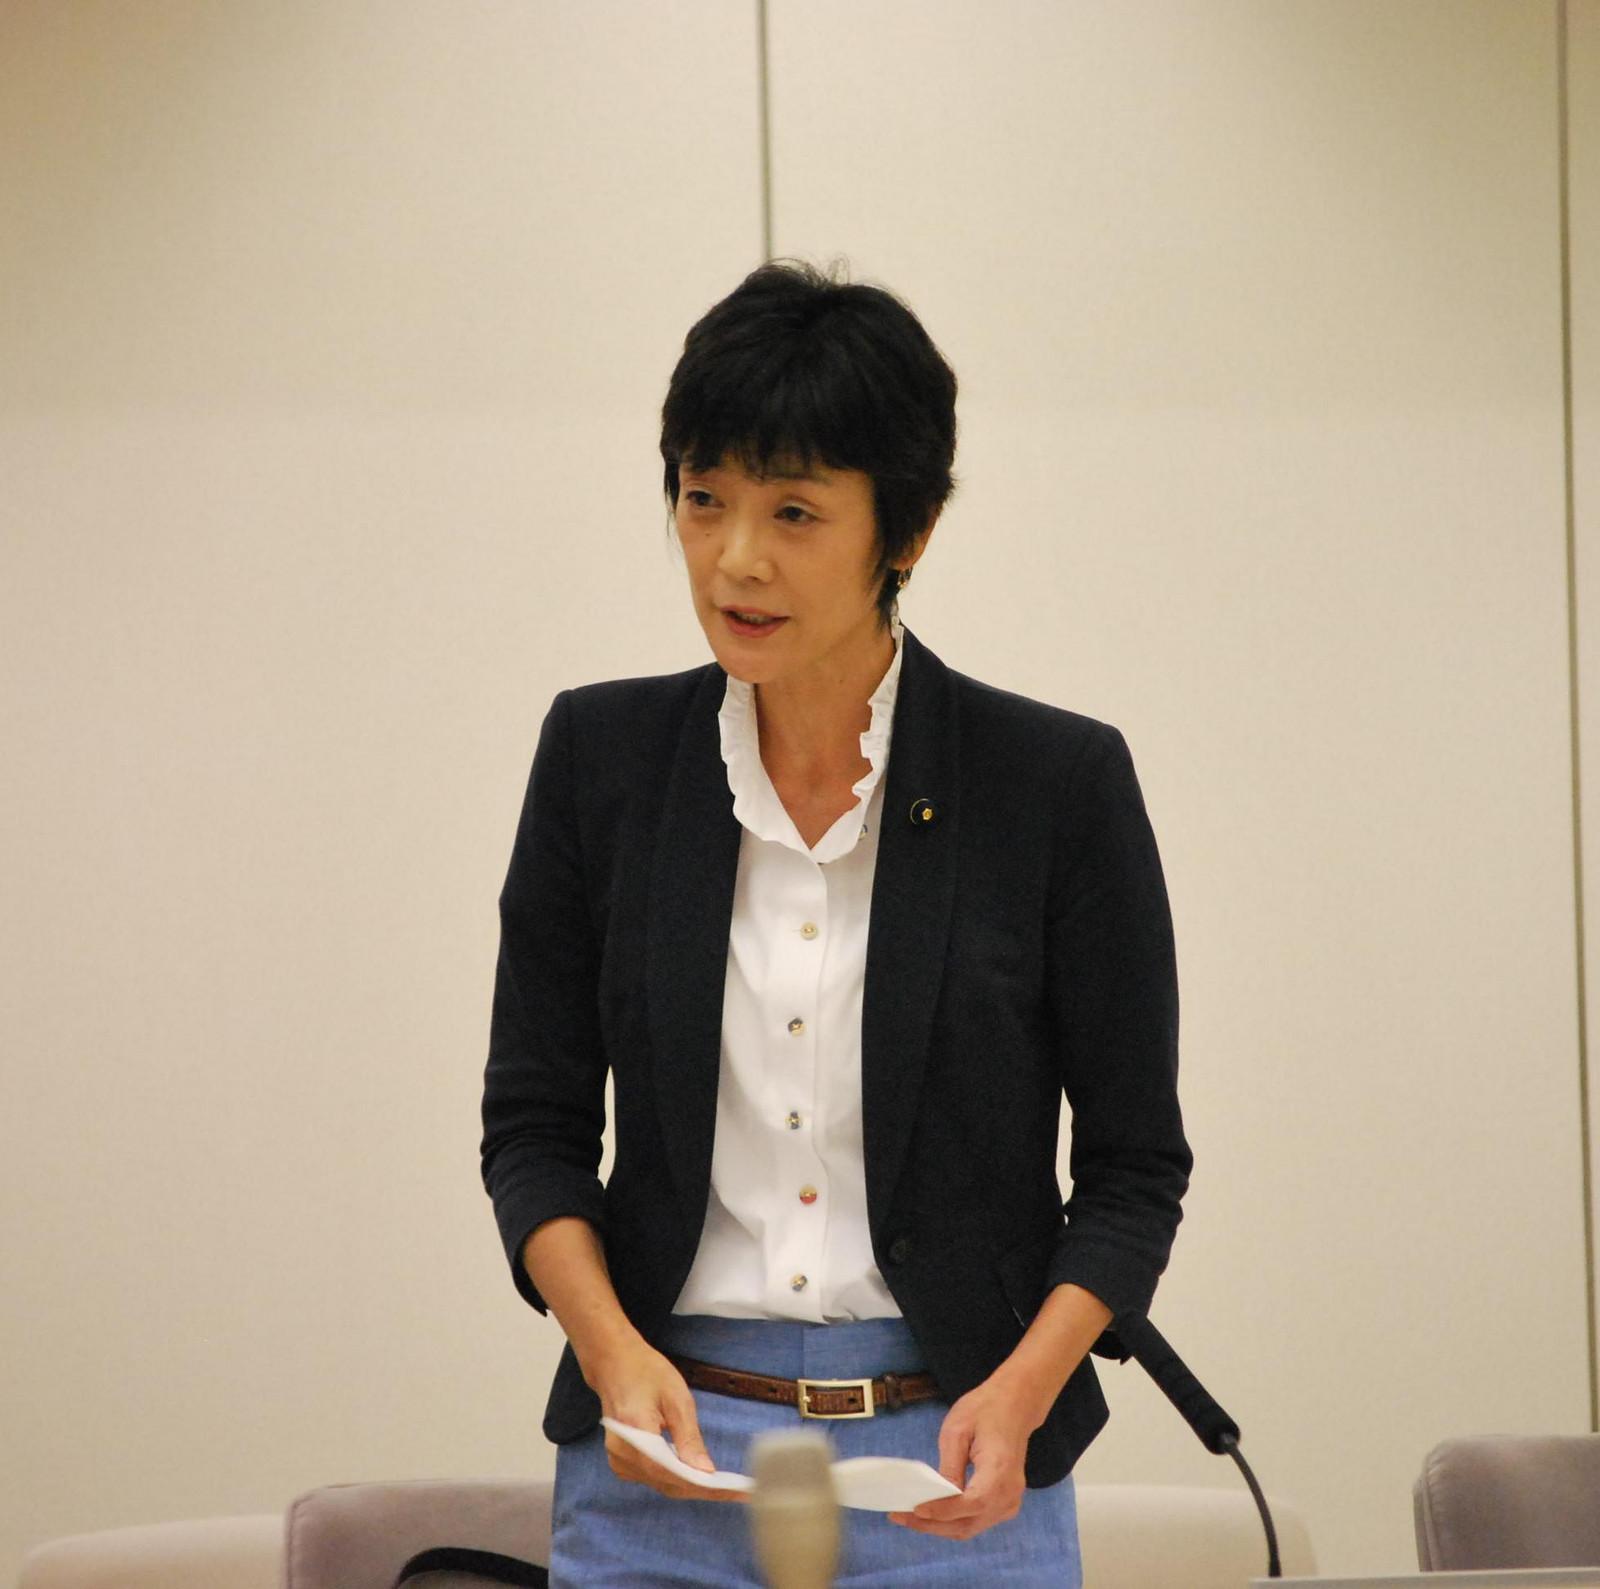 保育の水準の向上を訴える和泉なおみ都議=9月30日、東京都議会